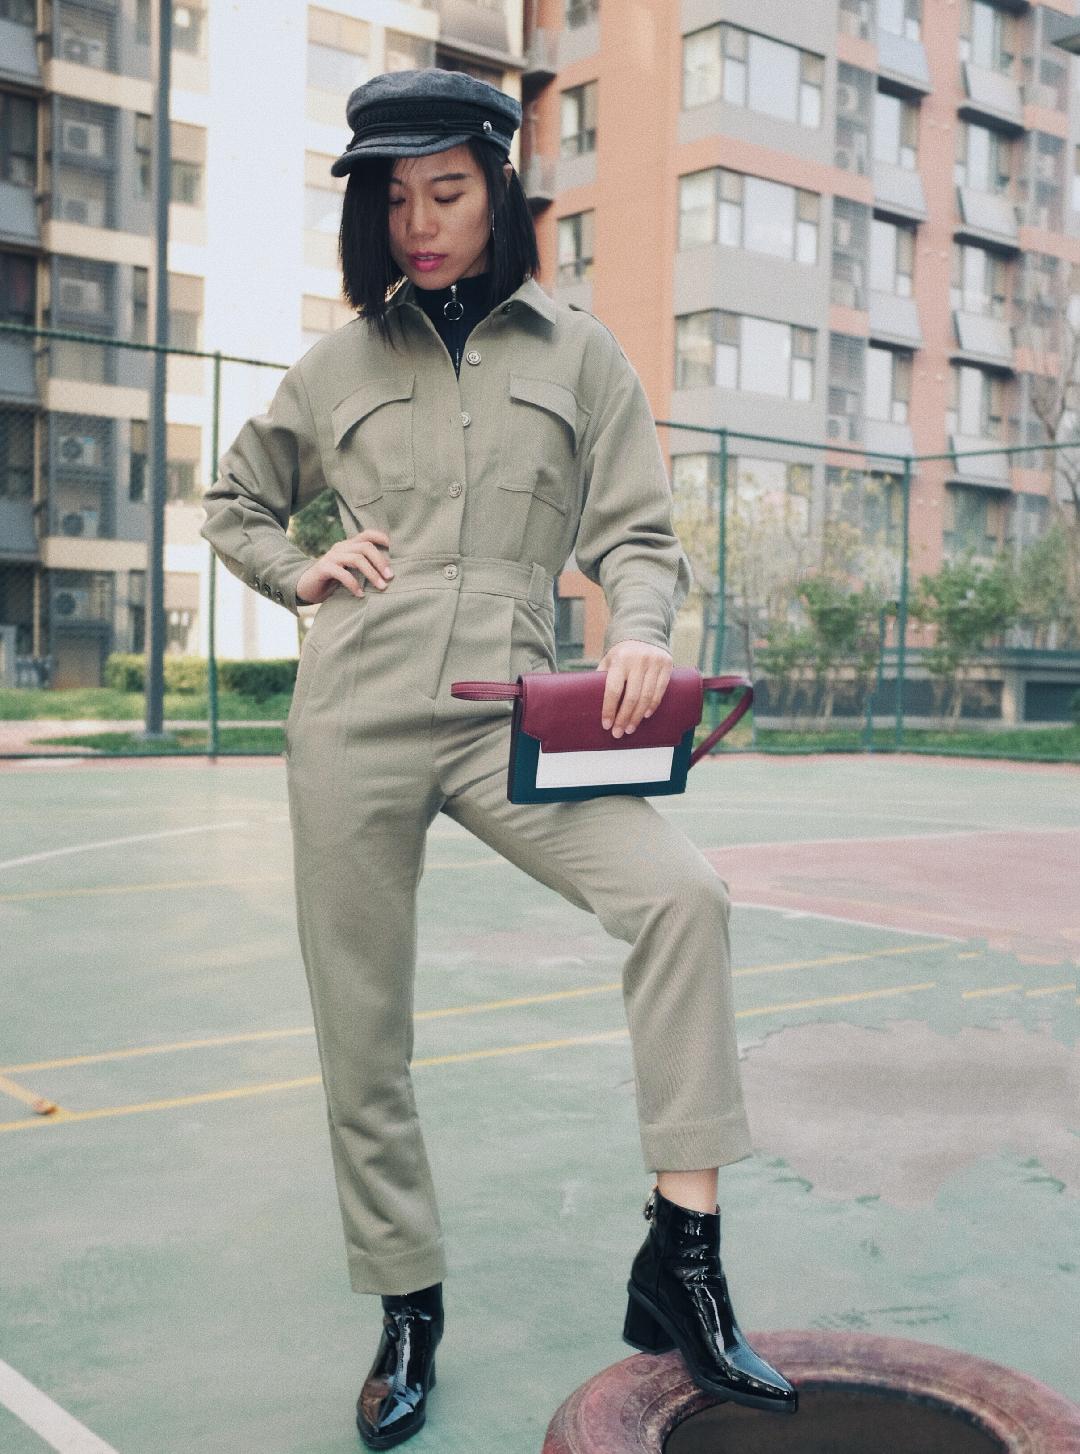 🌟这款连体裤,面料很硬朗厚实,完全是当夹克的面料,秋冬穿也完全不会违和。 🌟高腰裤要在酷帅的同时不失比例感才会更好看,所以一定要注意高腰的设计。 🌟衣服、内搭都比较素,那包包的颜色就可以任性一些了。颜色的丰富还能增加整体的活力感。 #丢掉黑白灰,来一剂撞色调味#